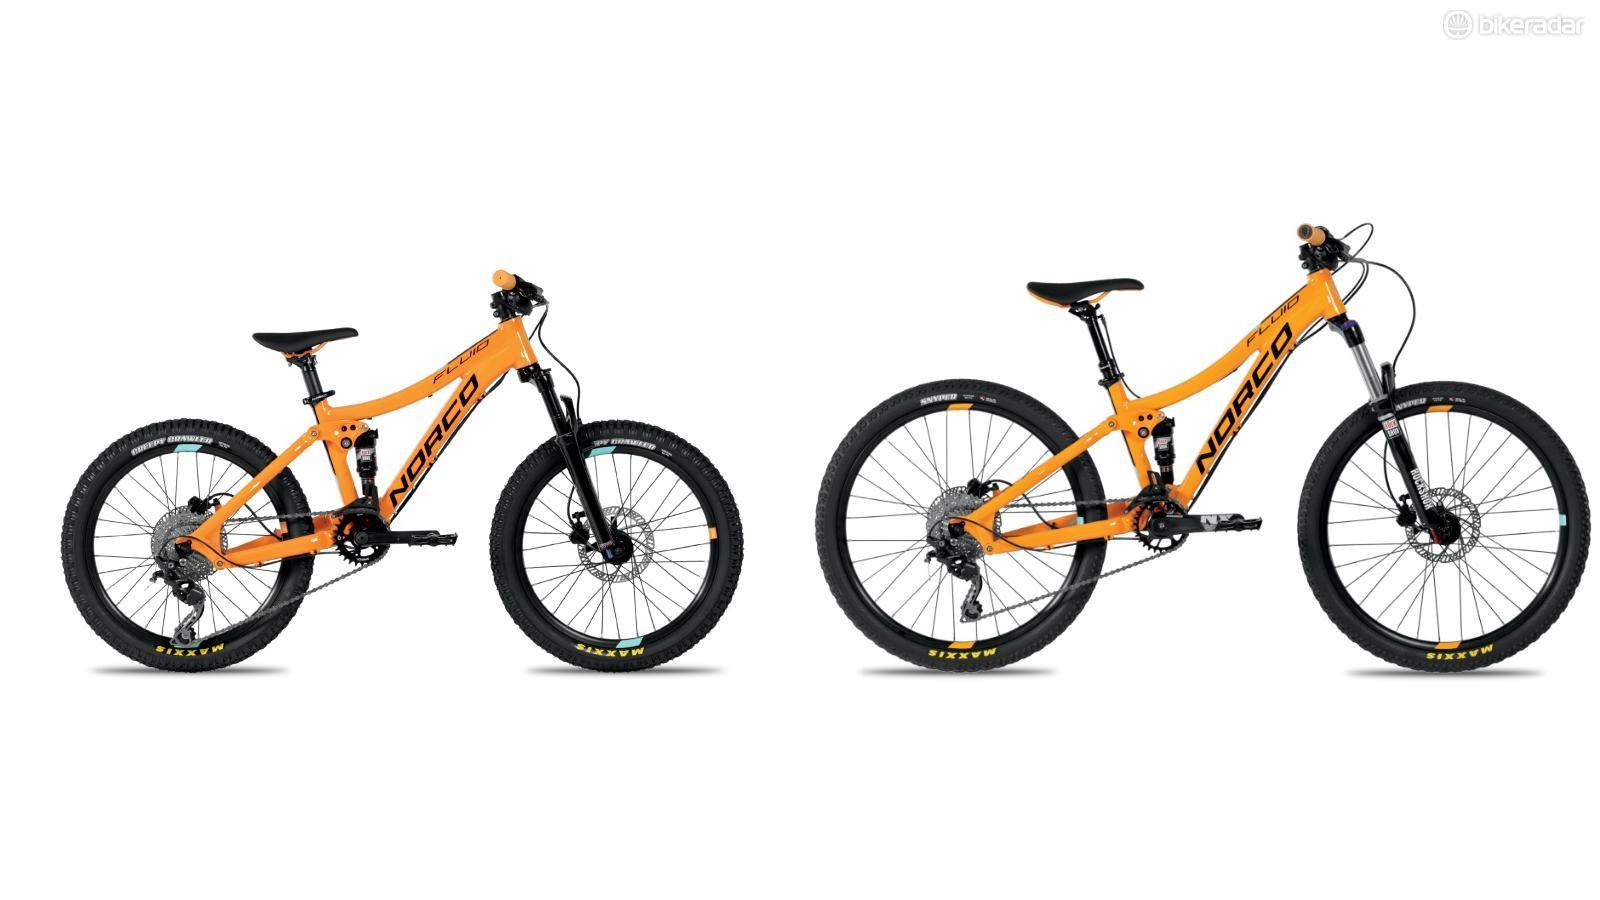 kids-full-suspension-1479748584317-178bh3p29reb0-b62065e